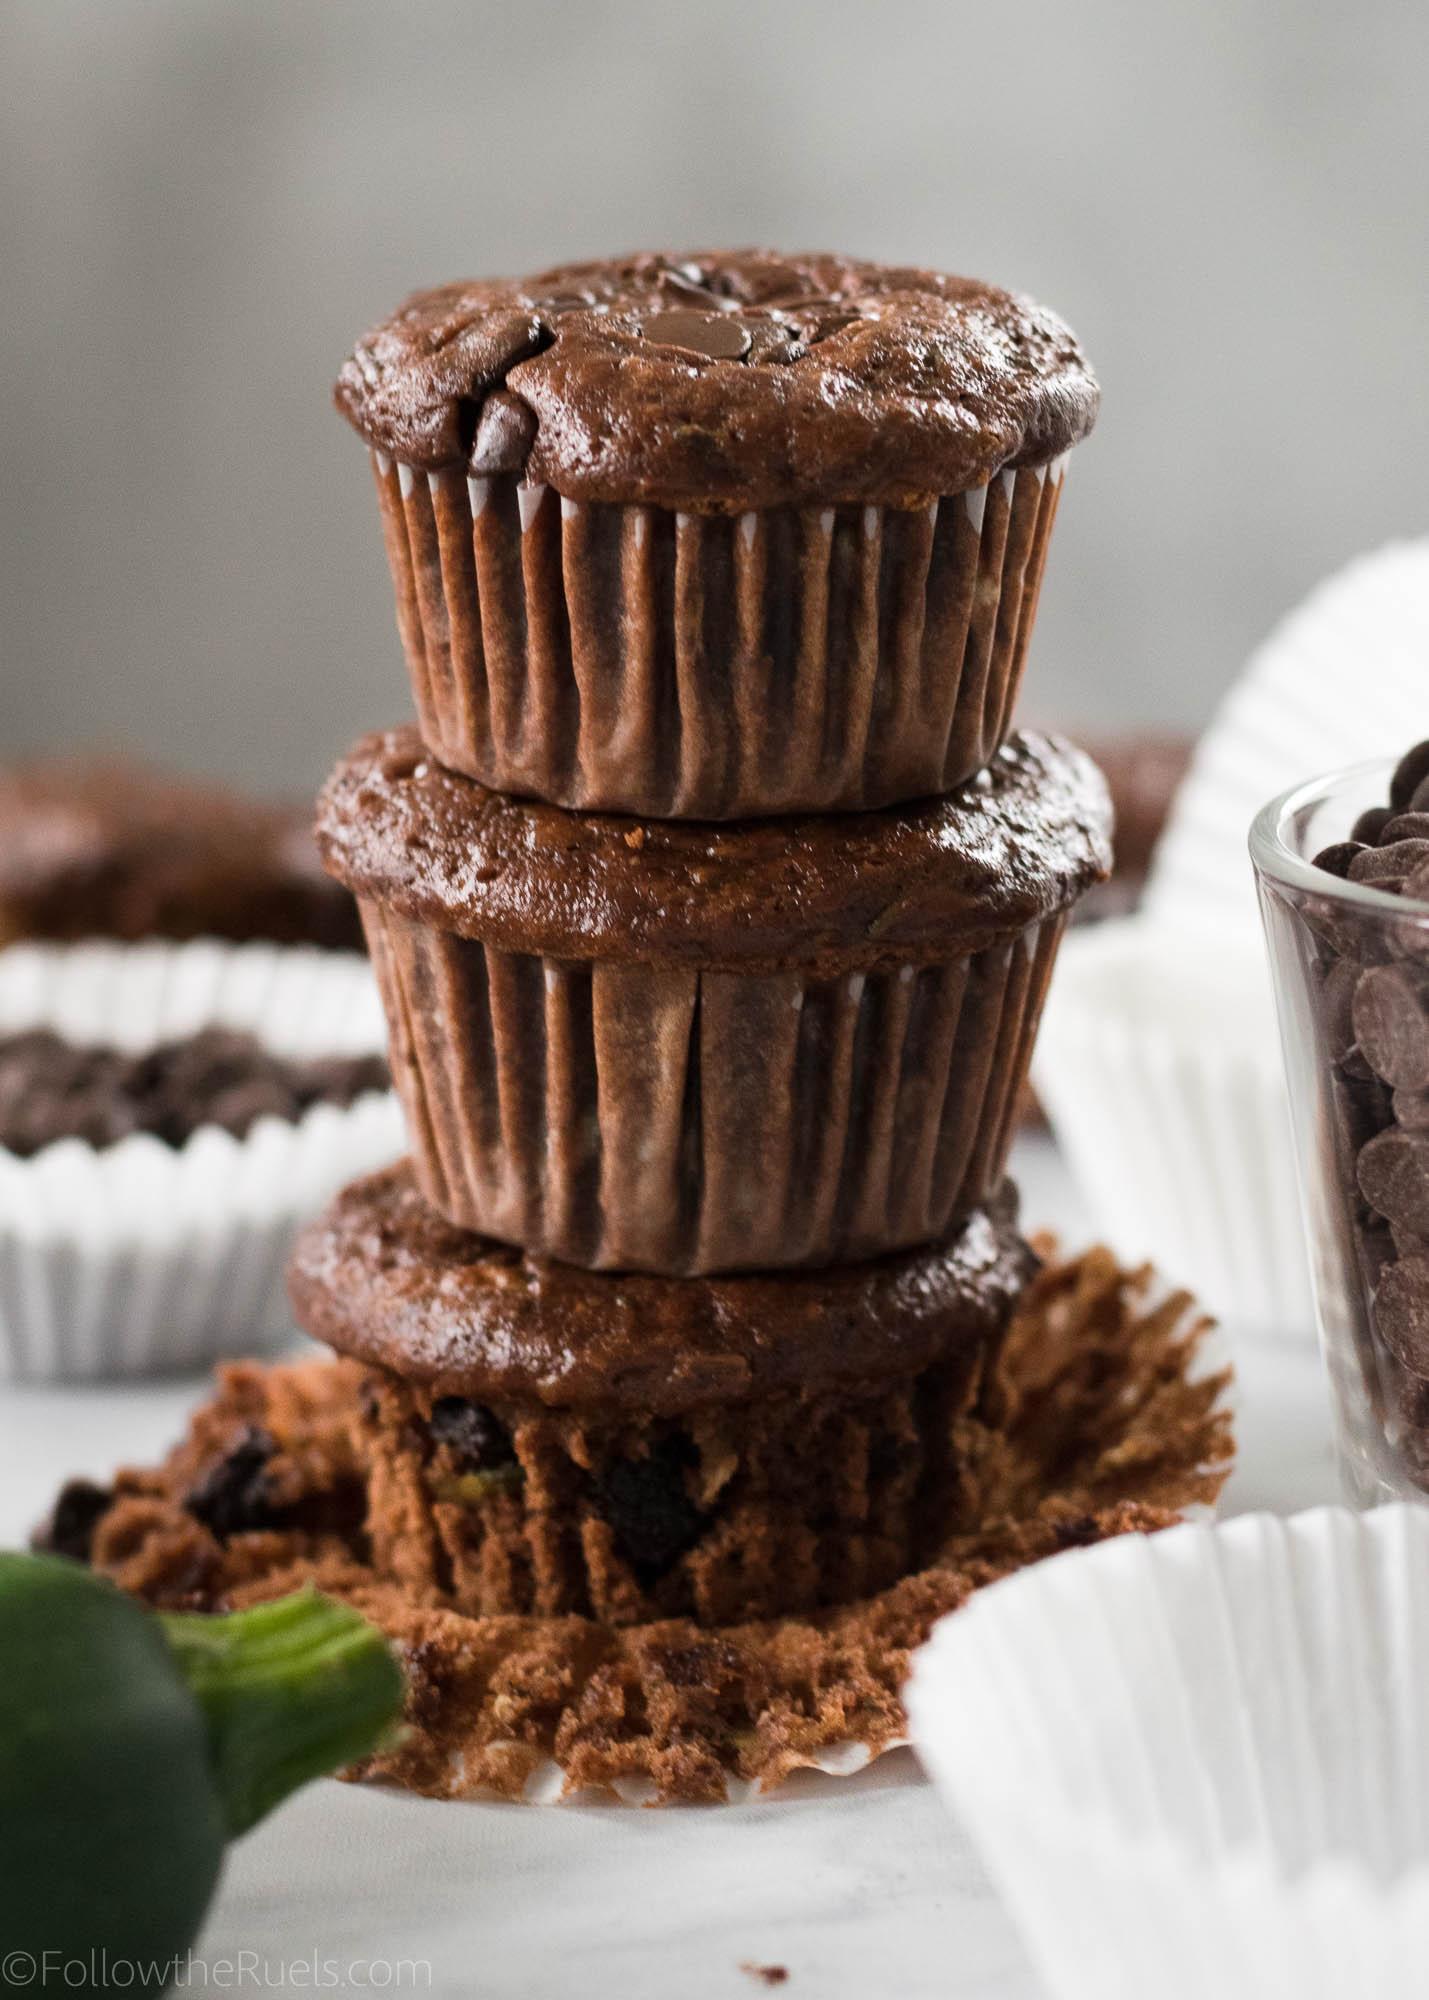 Chocolate-Zucchini-Muffins-13.jpg